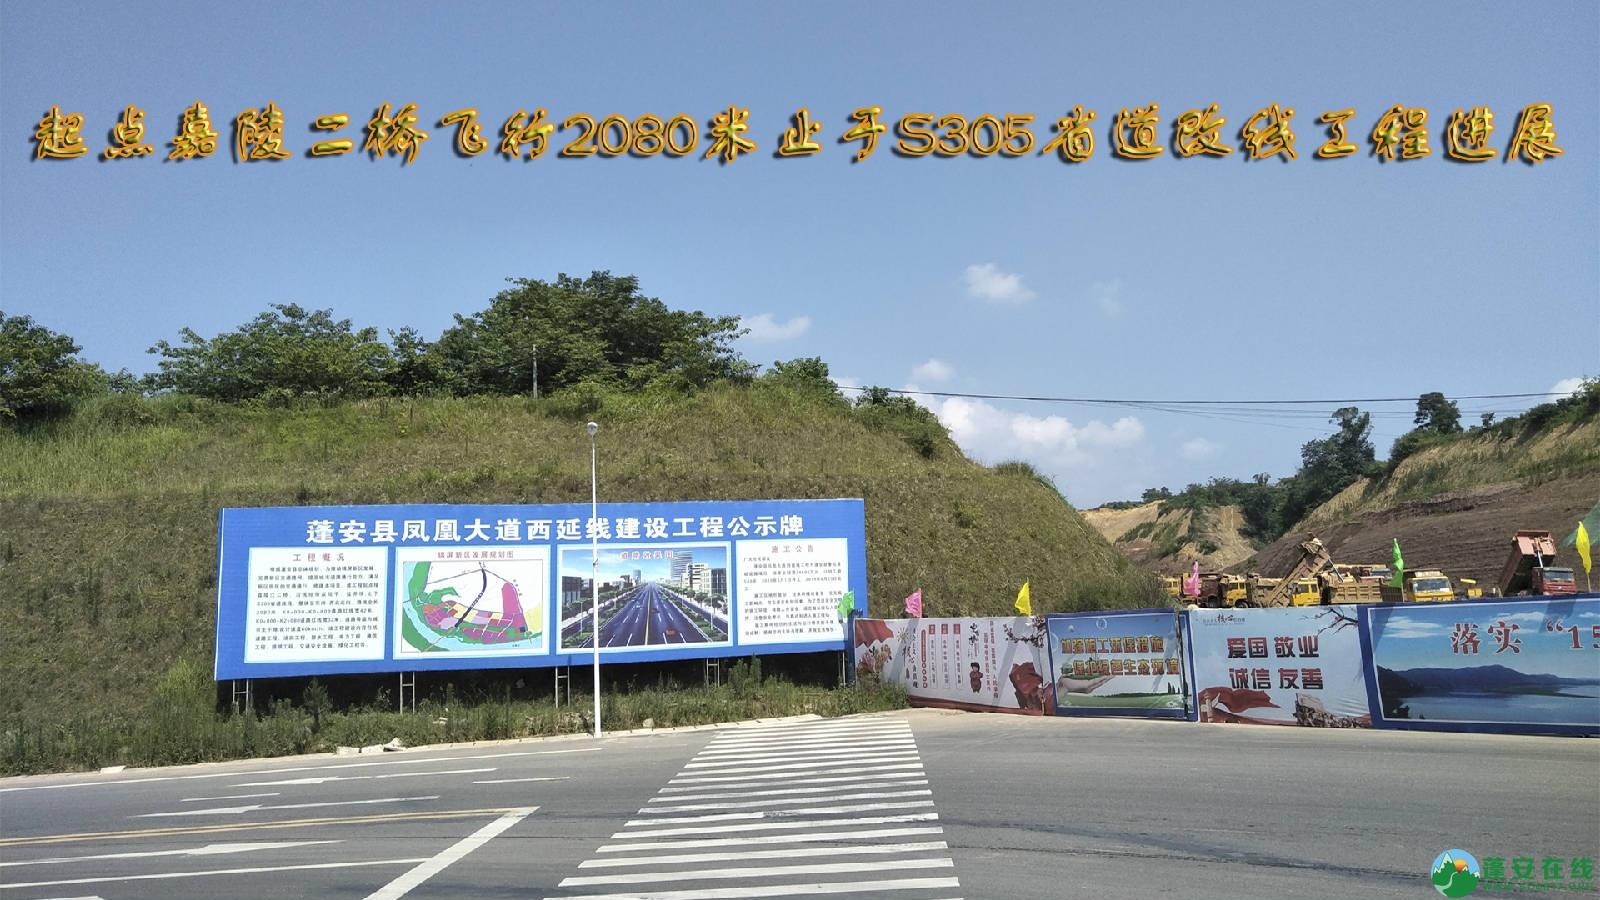 蓬安锦屏段S305省道改线工程进展 - 第1张  | 蓬安在线